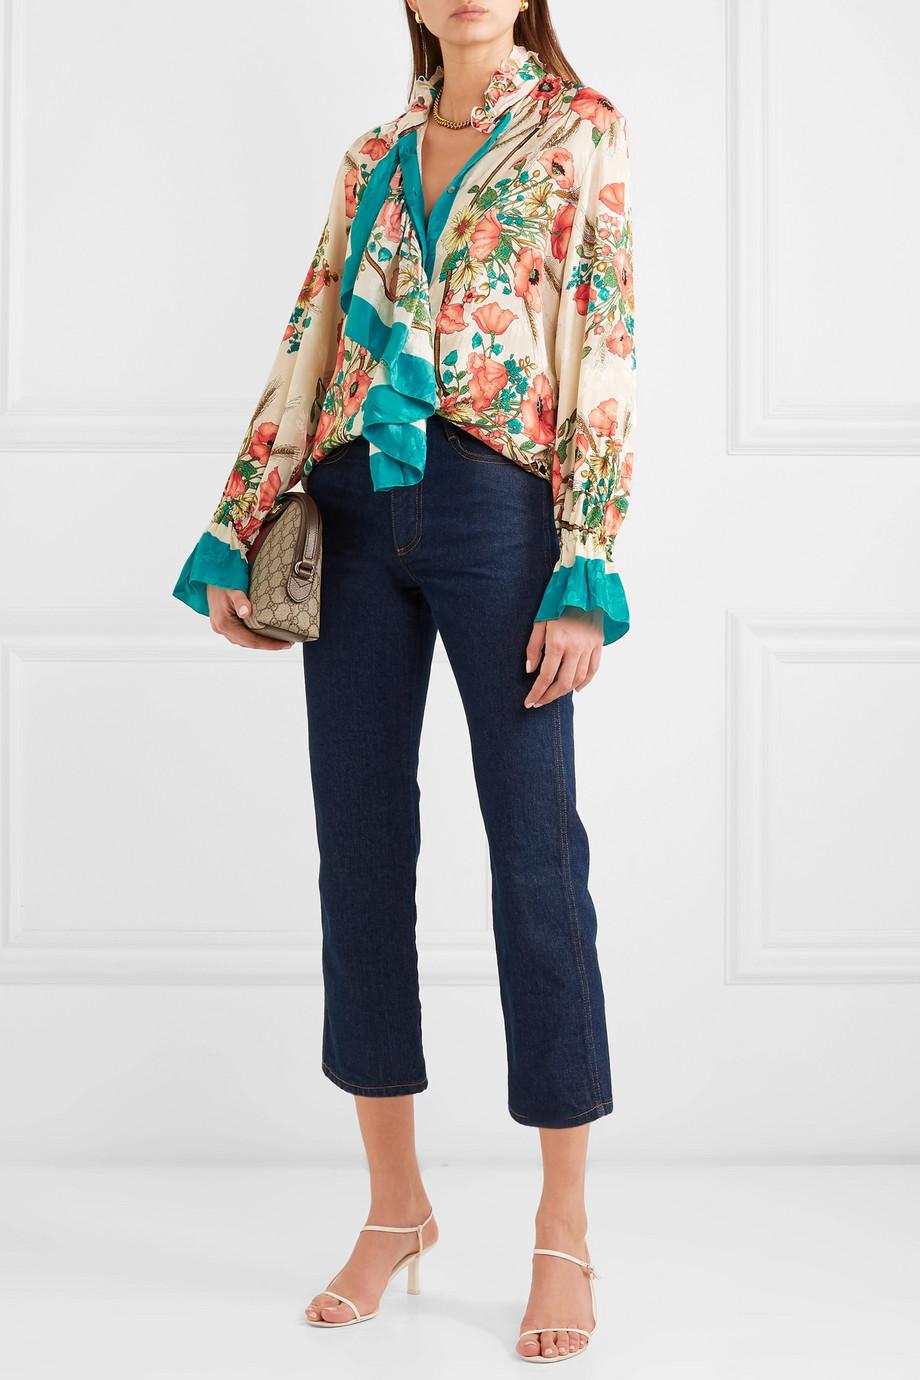 Gucci Bluse aus Seiden-Jacquard mit Blumenprint und Rüschen